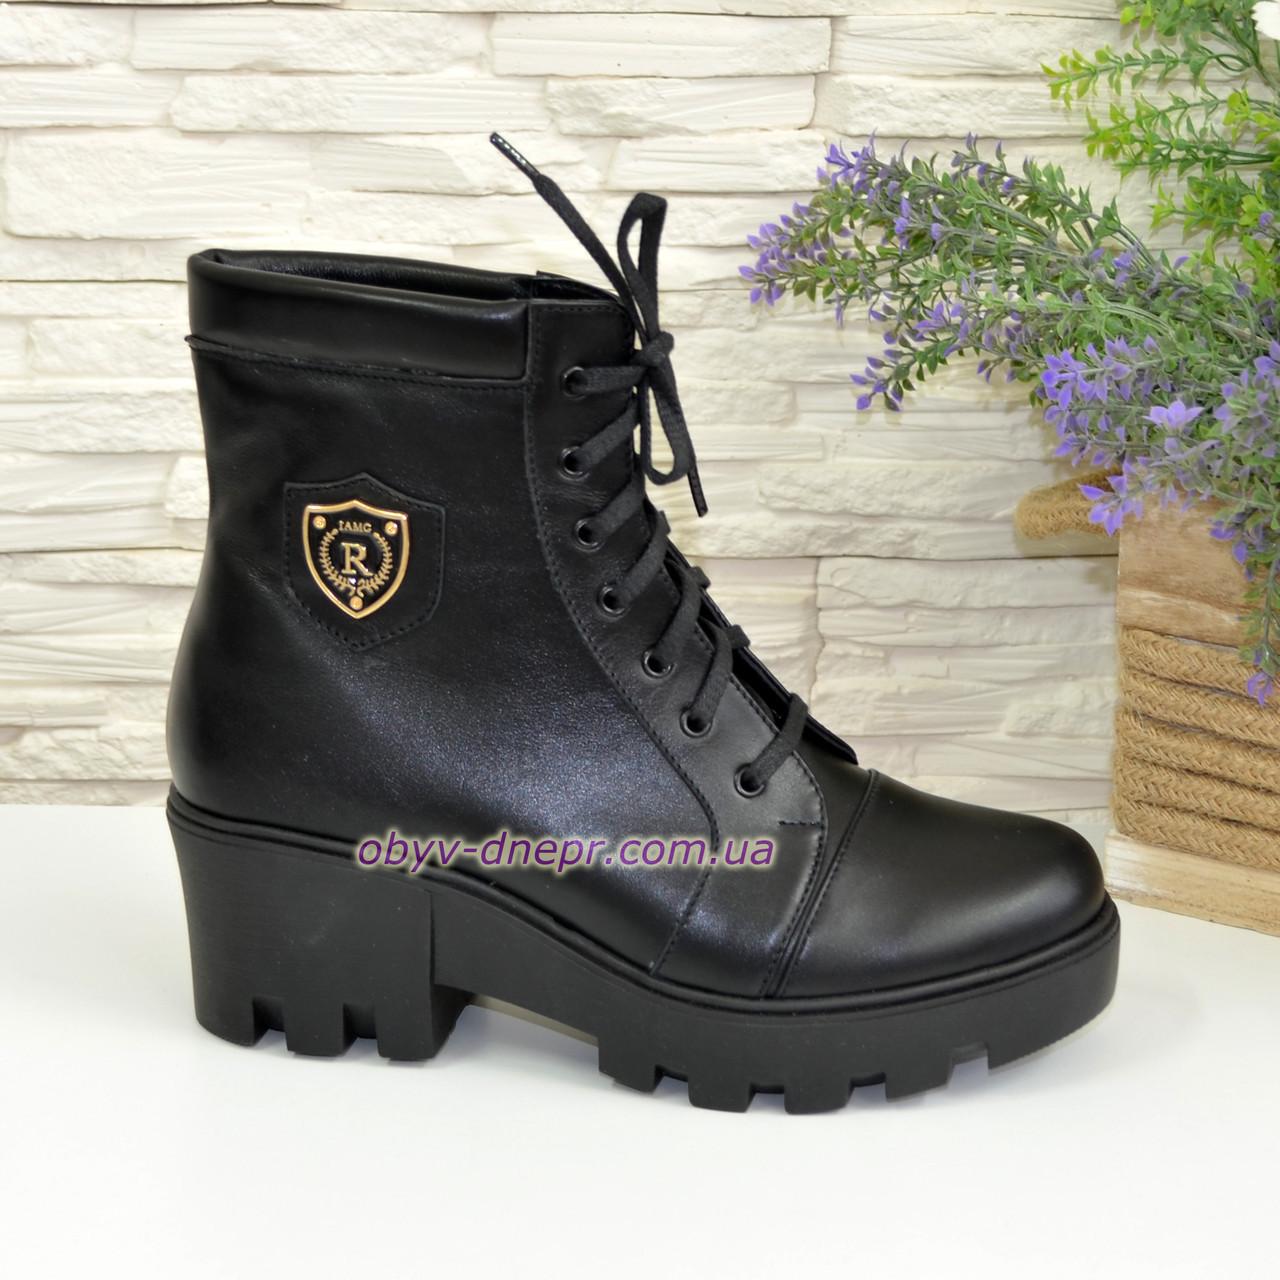 Ботинки женские зимние на утолщенной подошве, цвет черный, фото 1